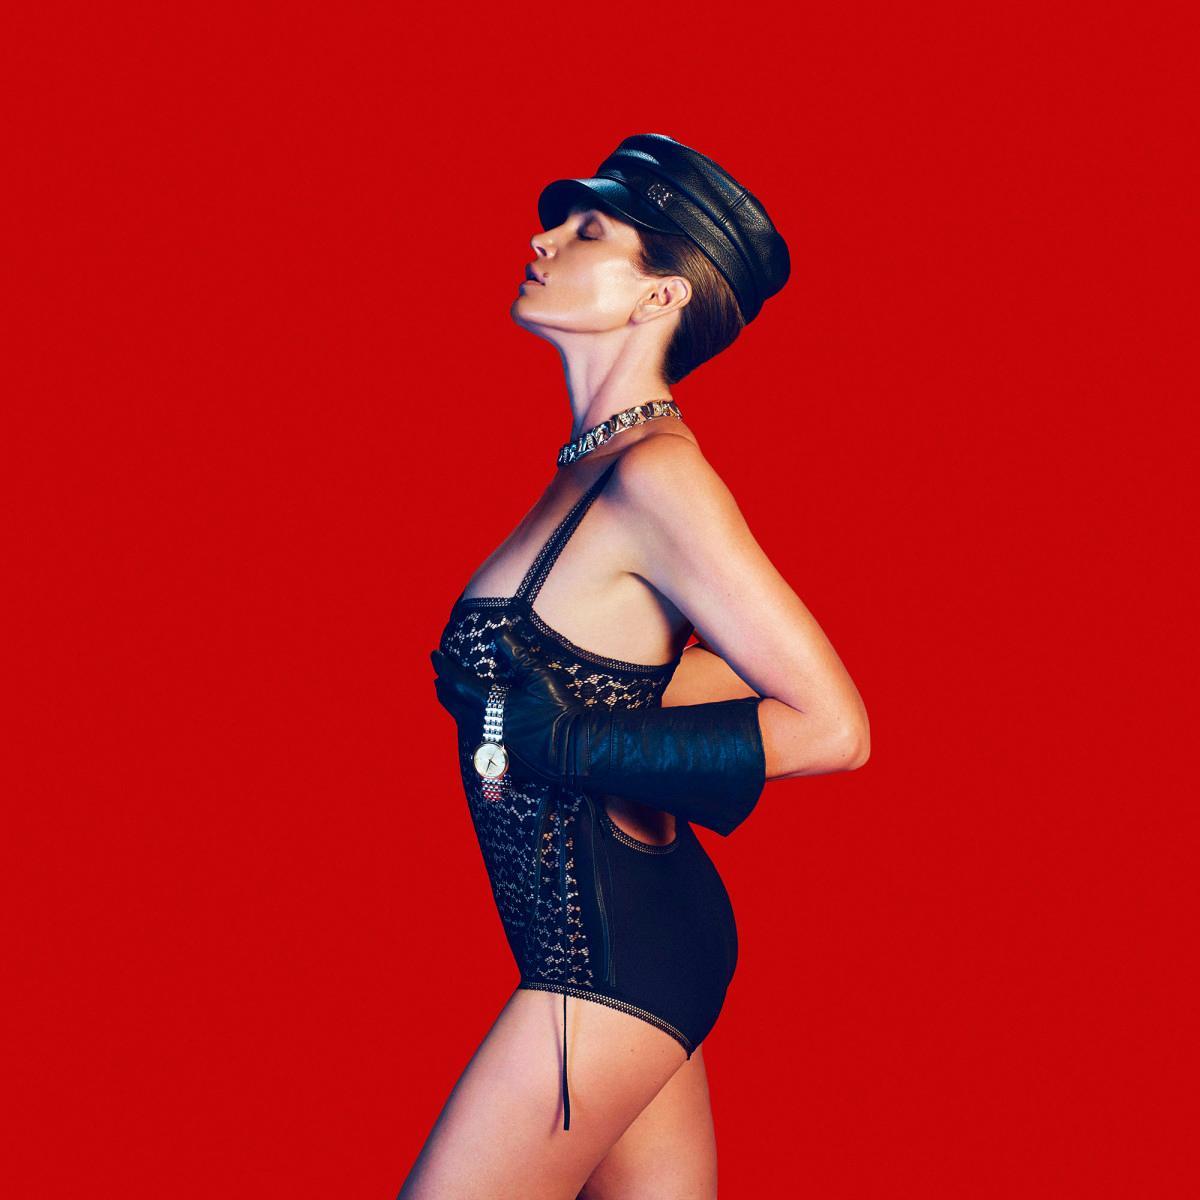 Синди Кроуфорд демонстрирует сексуальность в новом фотосете